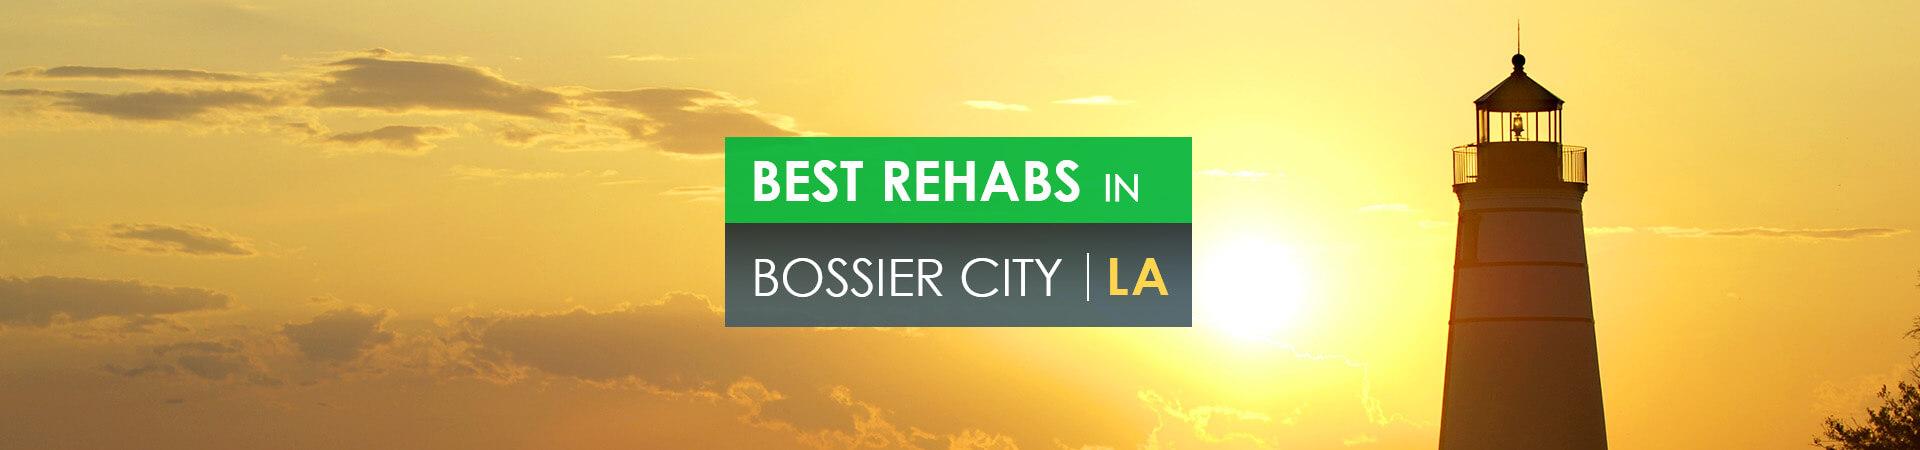 Best rehabs in Bossier City, LA